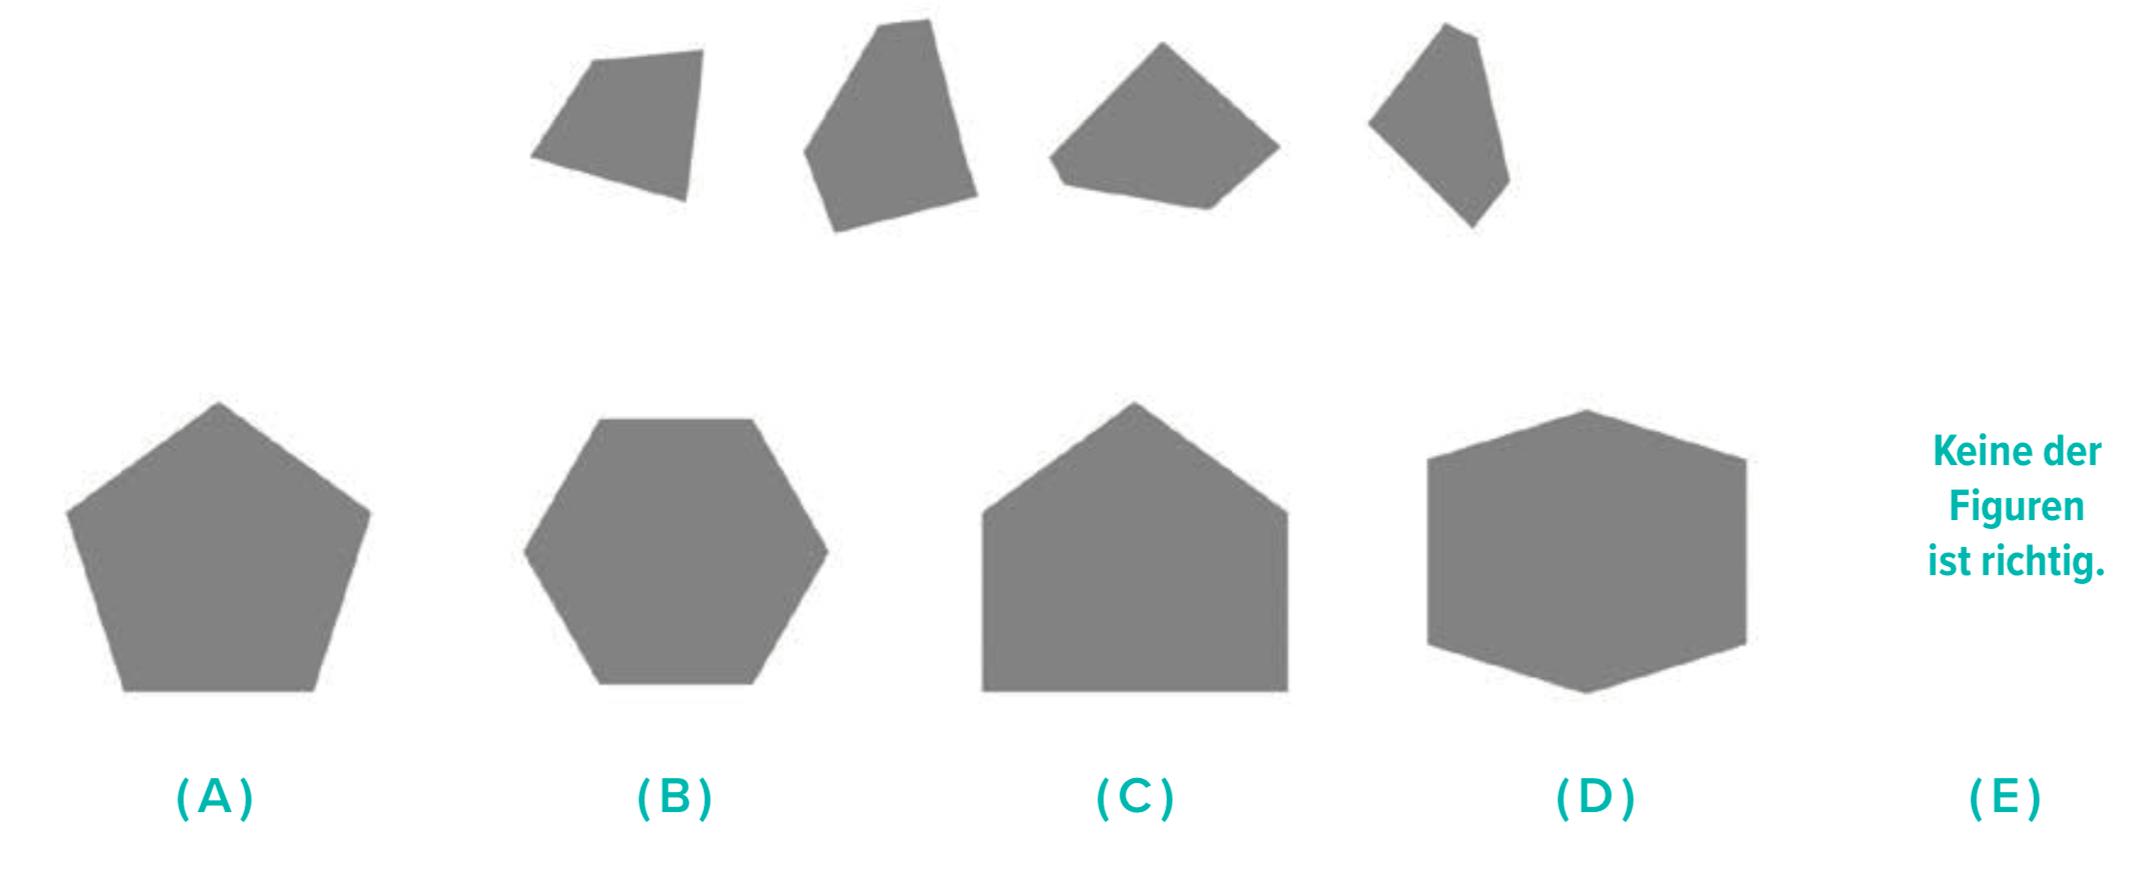 Eine mittelschwere Aufgabe zum Untertest Figuren zusammensetzen